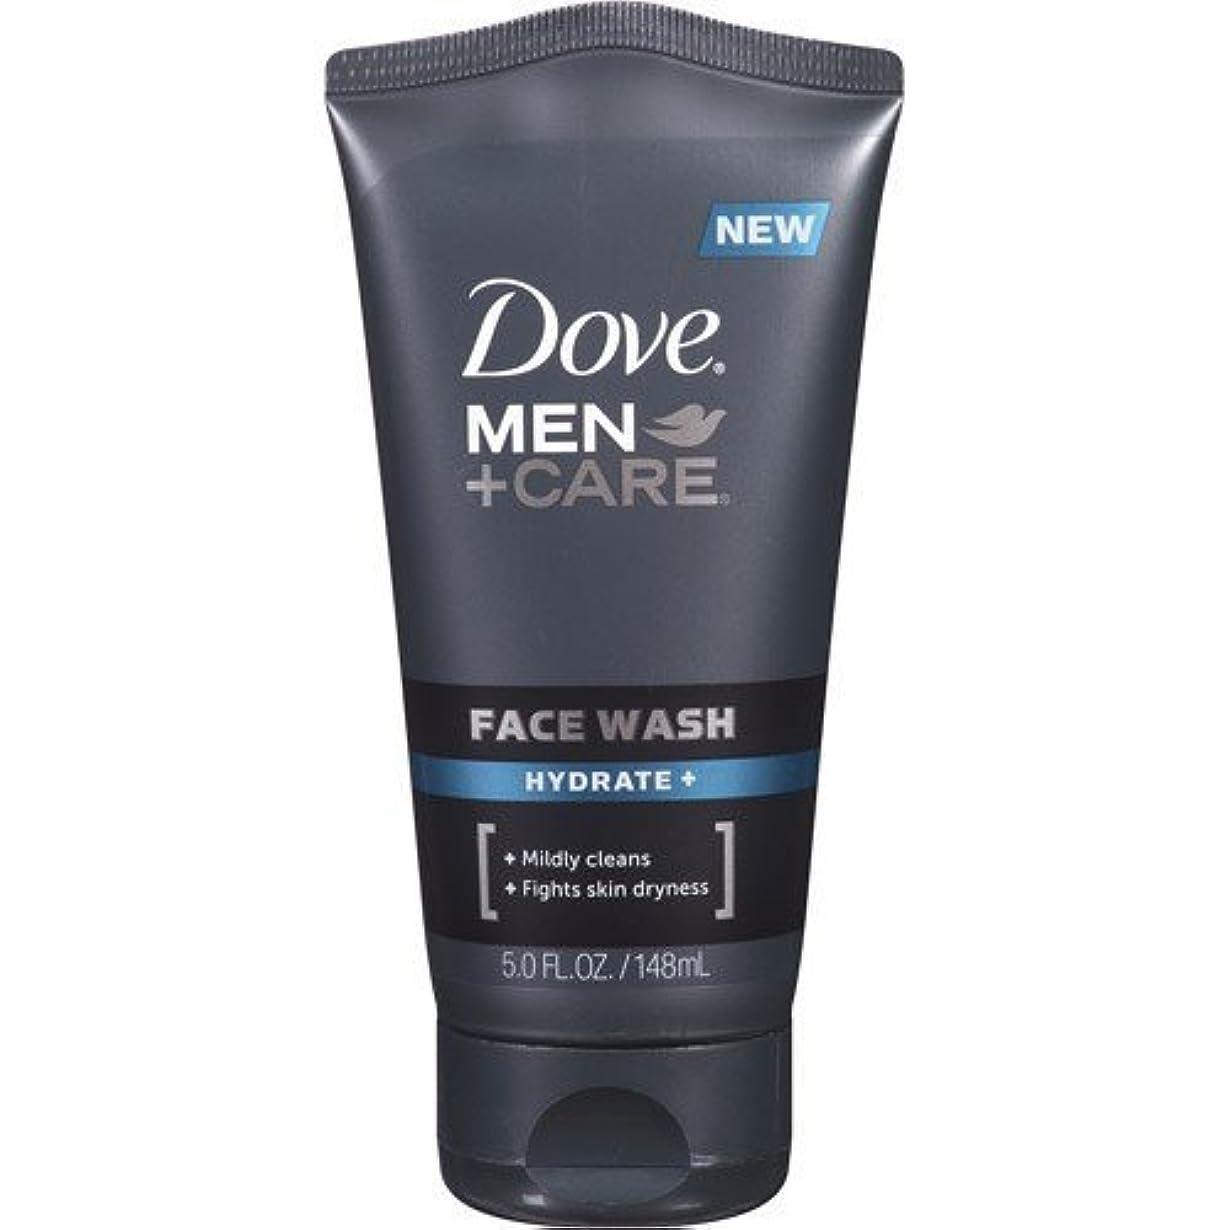 間隔より多い重くするDove Men + Care Face Wash, Hydrate, 5 Oz by Dove